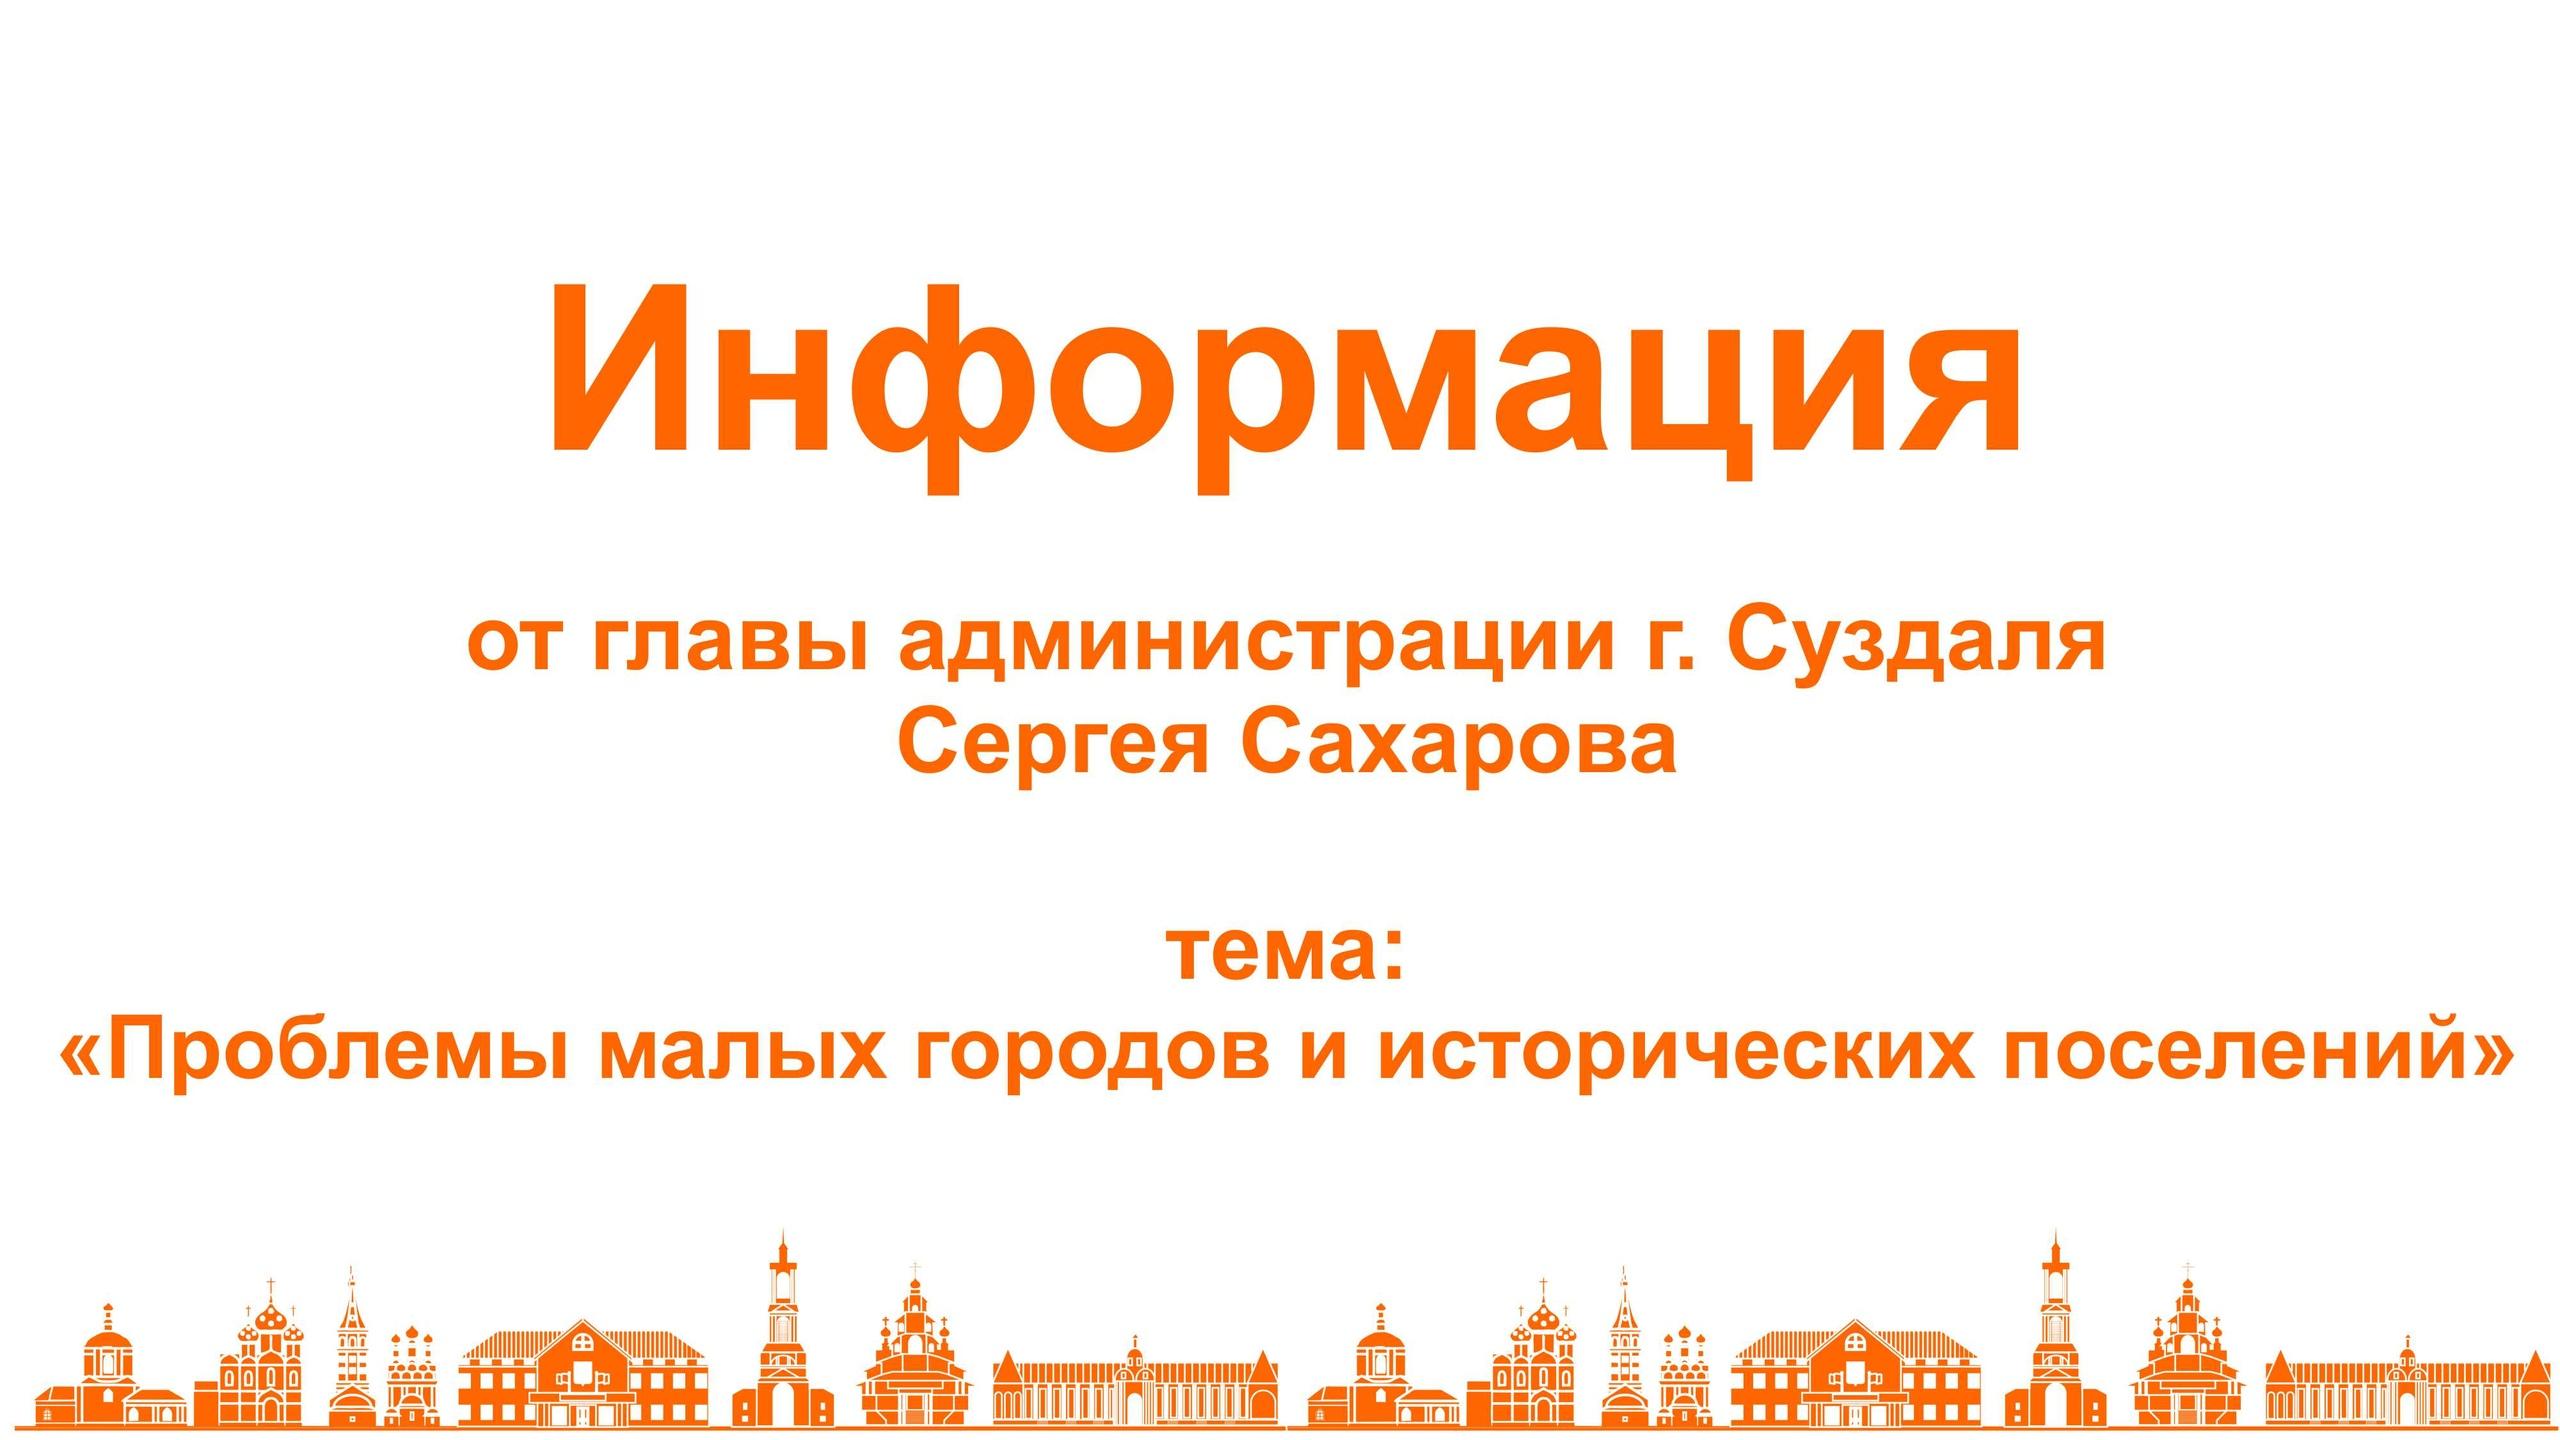 Ремонт Центра культуры и досуга г. Суздаля.